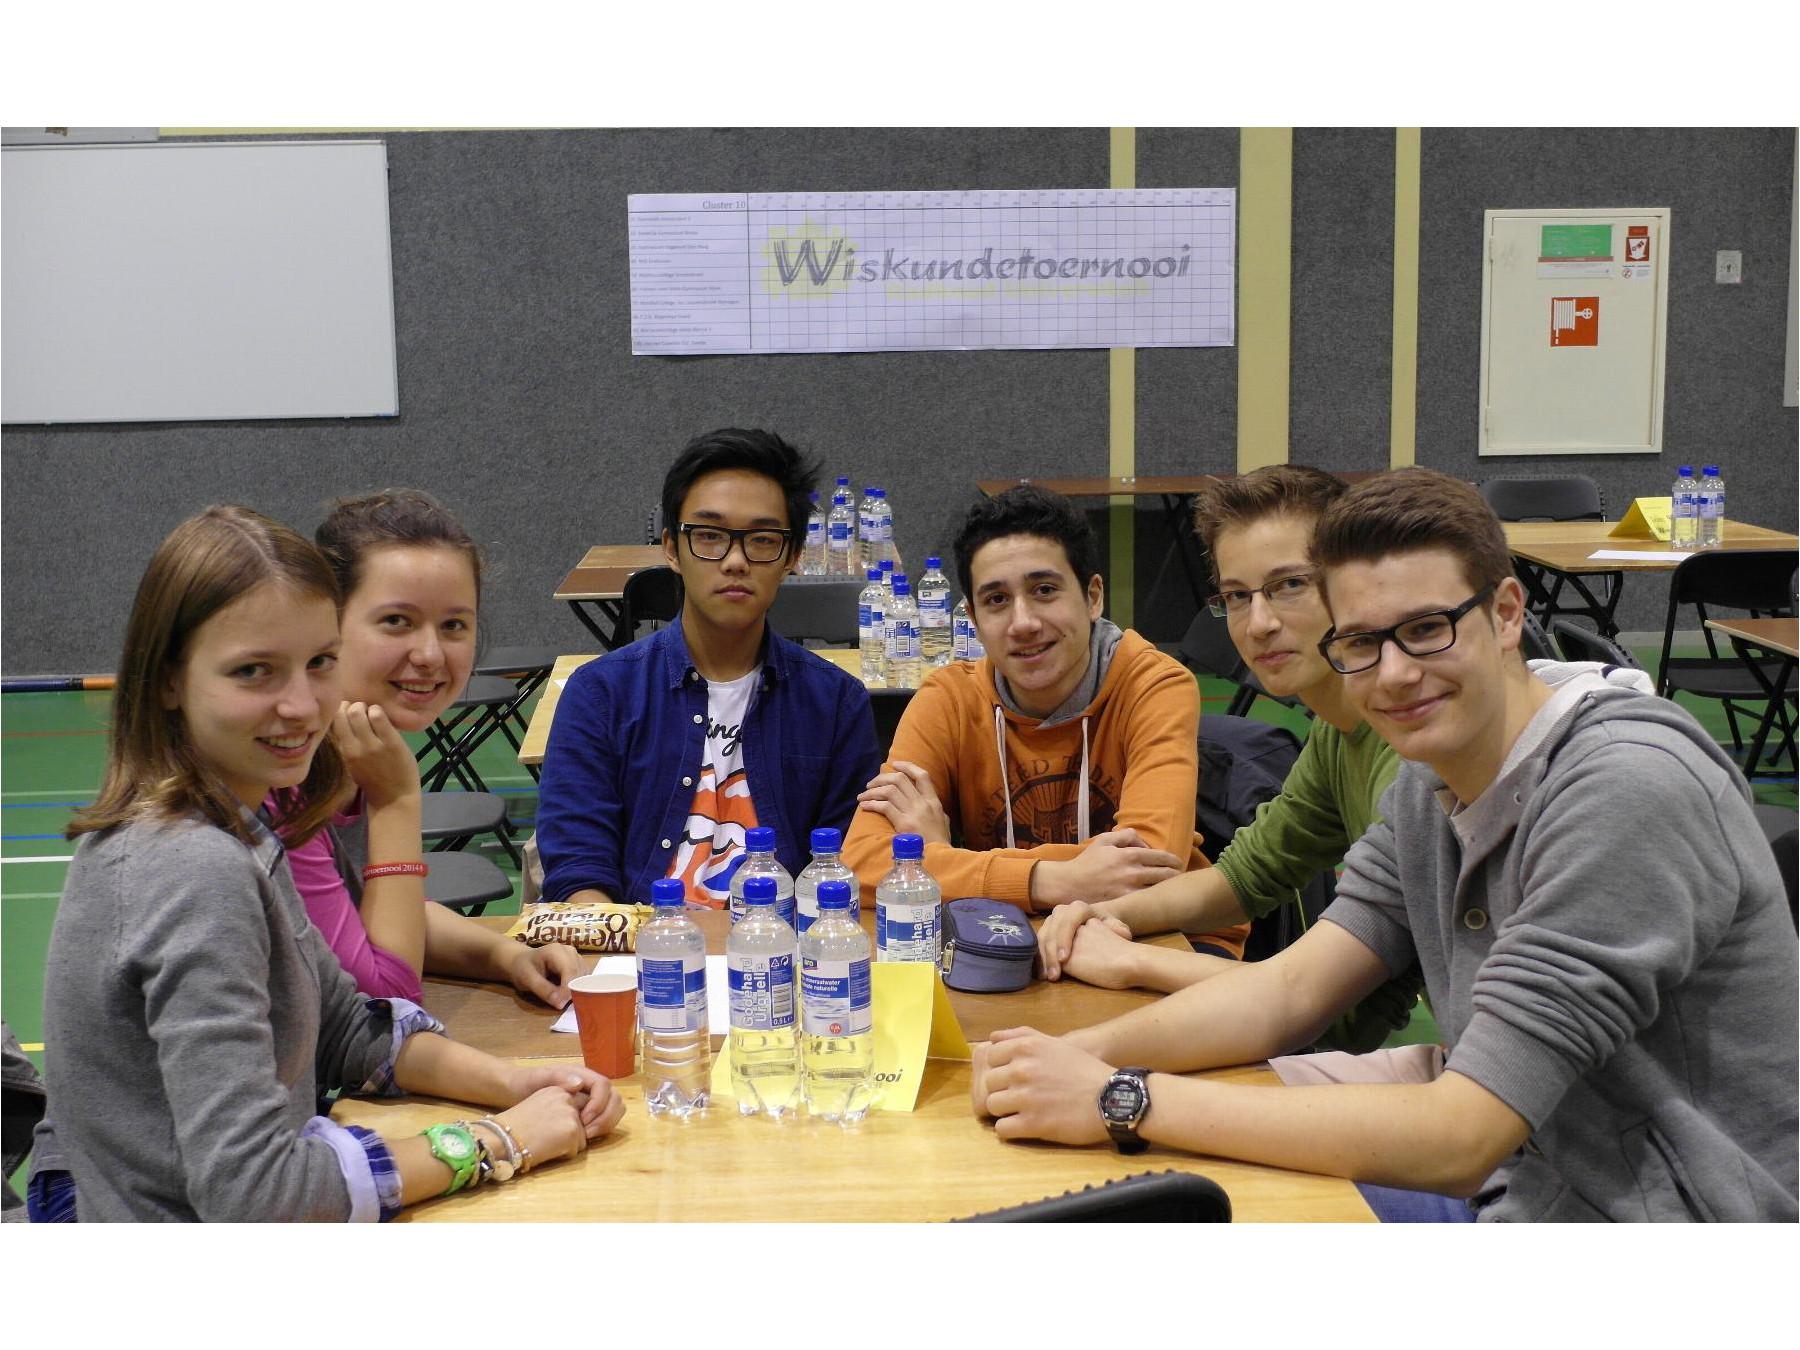 Wiskundetoernooi 2014 – Zum 17. Mal war das Stein beim niederländischen Mathewettbewerb